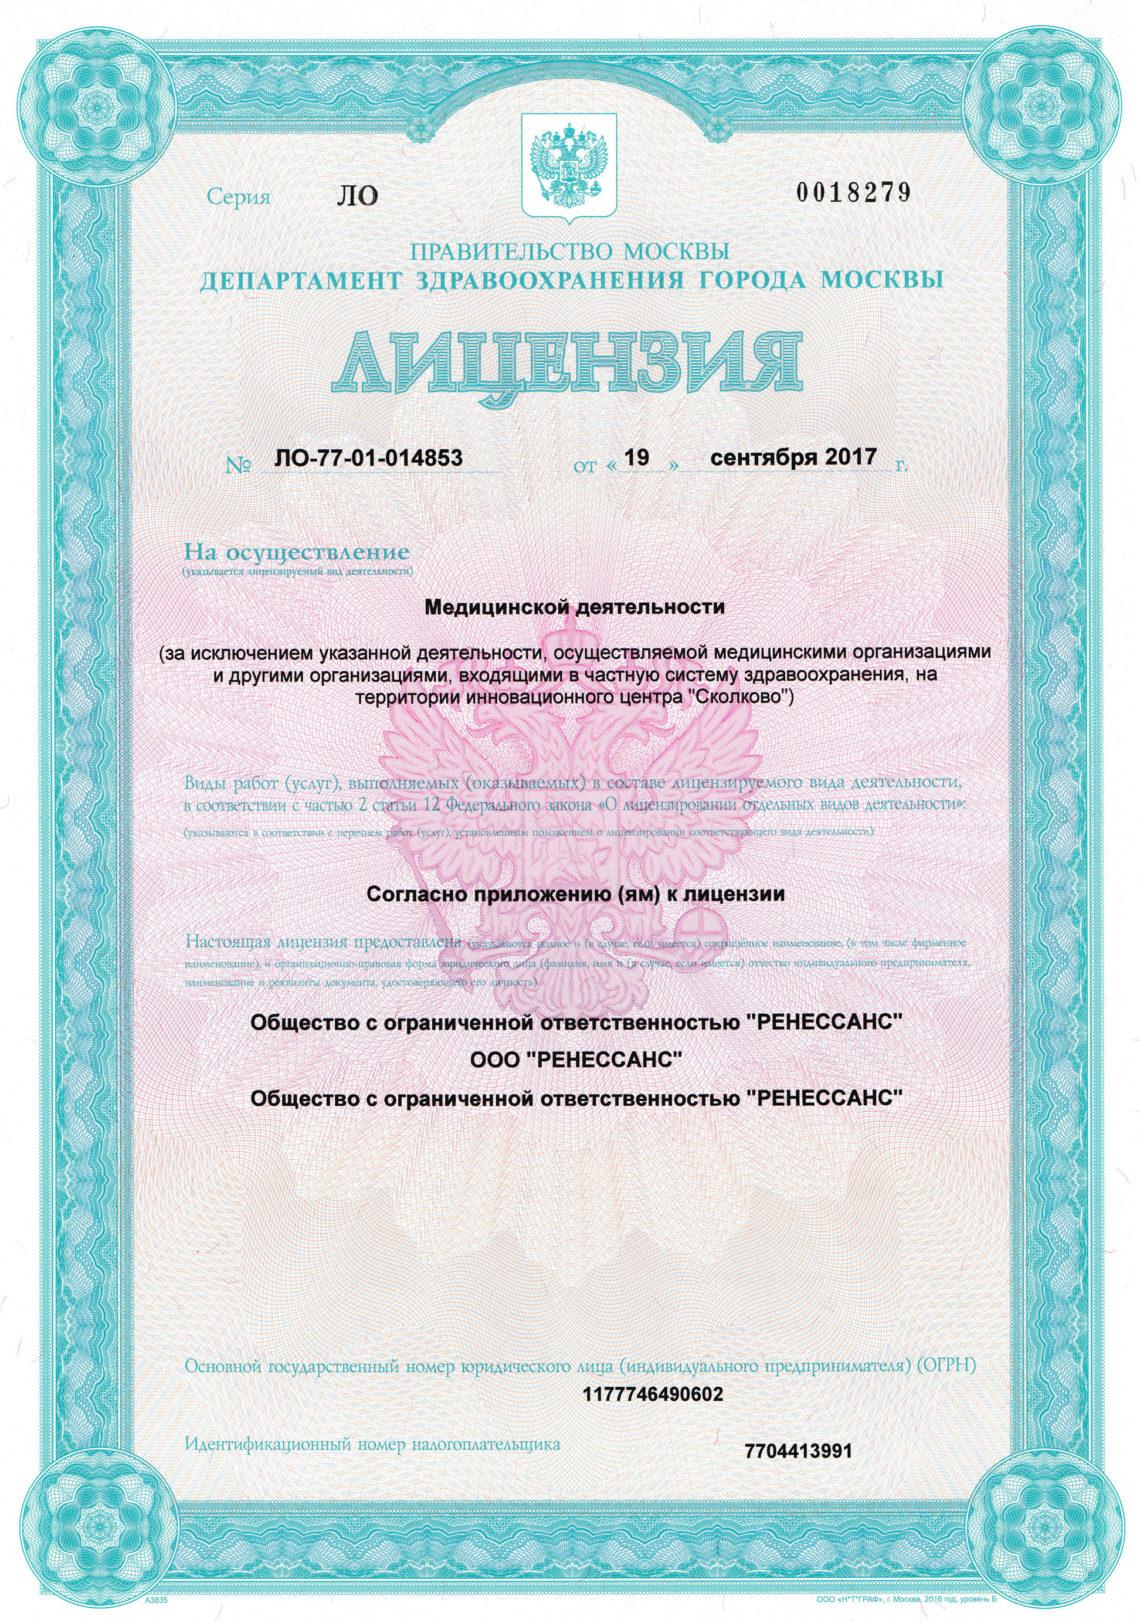 лицензия на осуществление медицинской деятельности ООО Ренессанс